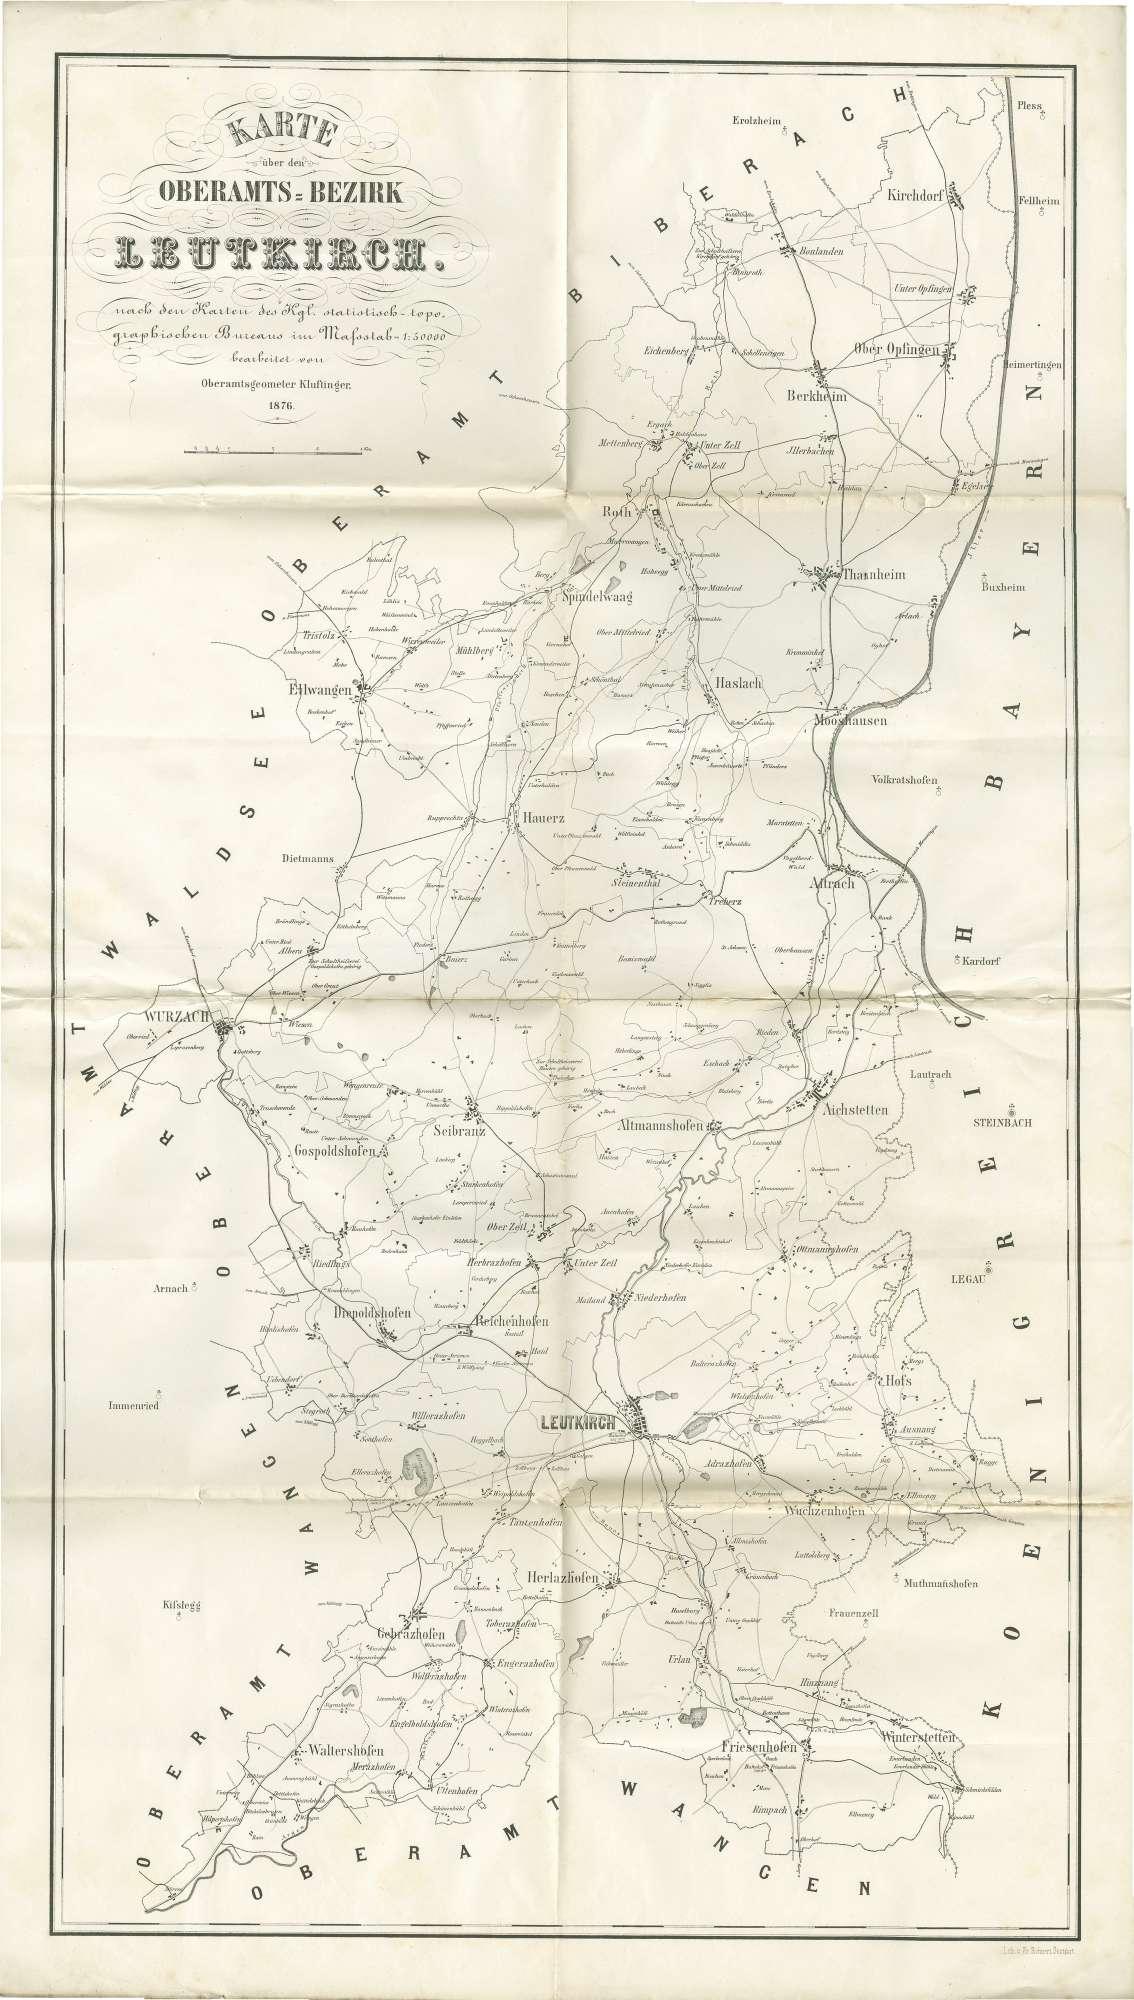 Karte über den Oberamtsbezirk Leutkirch, nach den Karten des Kgl. statistisch-topographischen Bureaus im Maßstab 1:50000 bearbeitet von Oberamtsgeometer Kluftinger, Bild 1